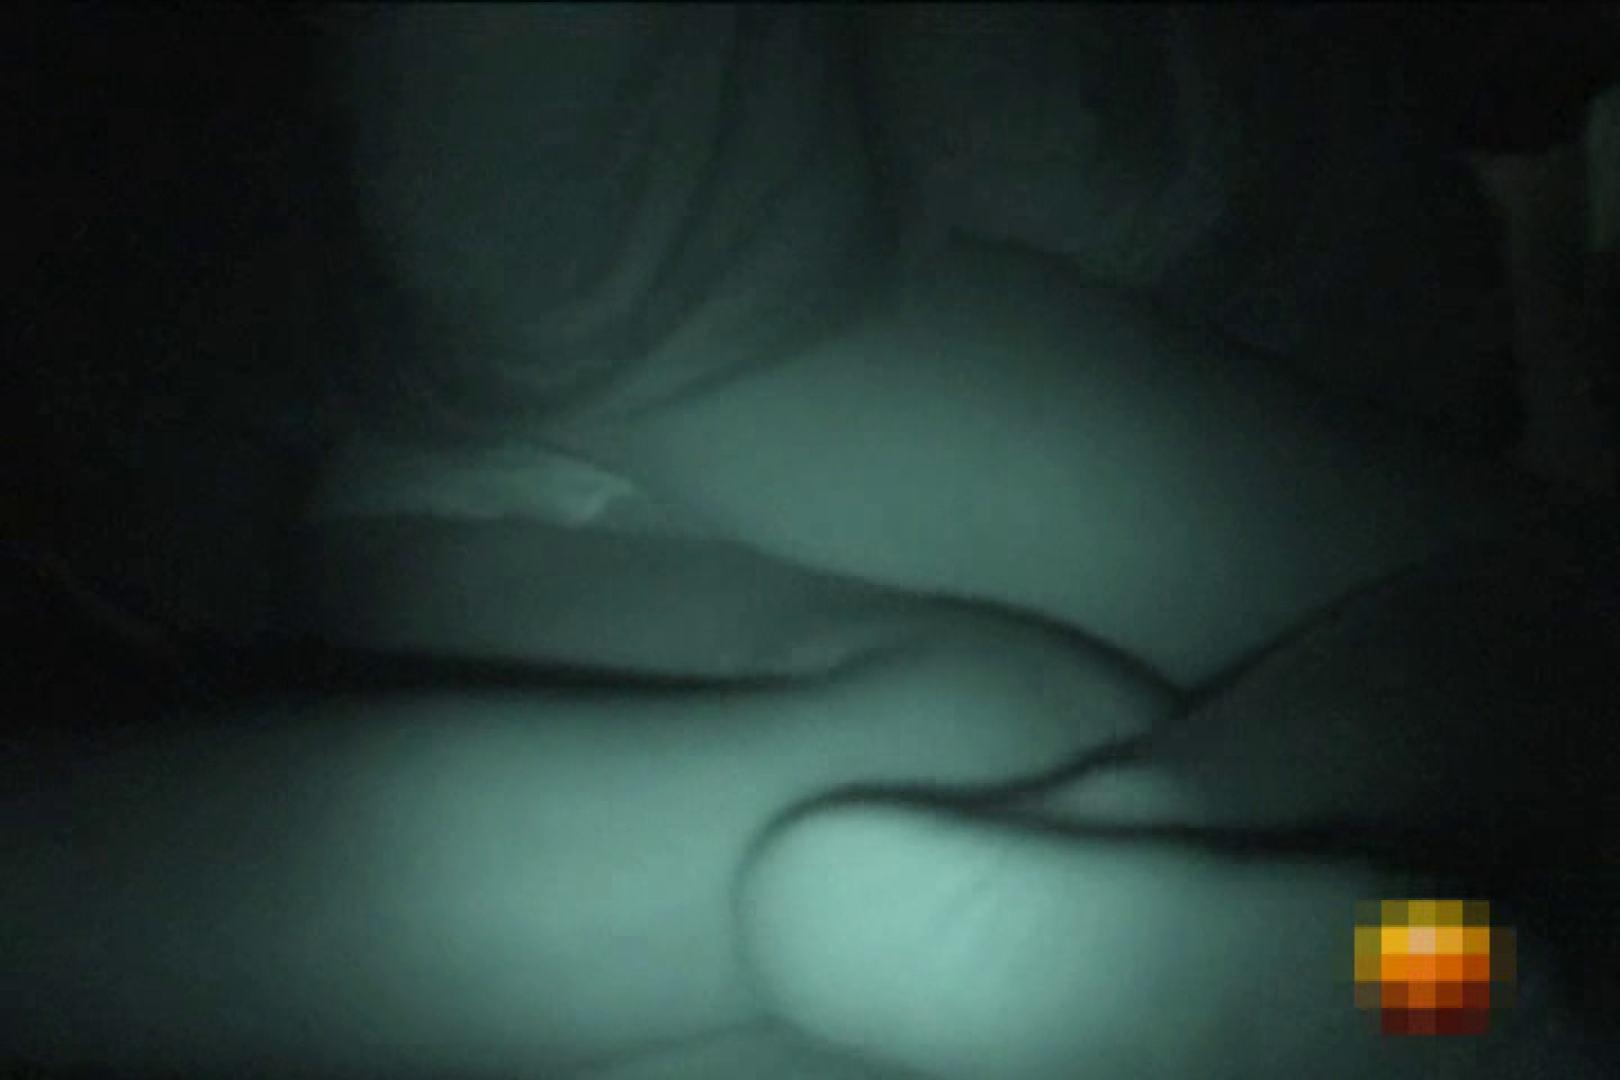 暗躍する夜這い師達Vol.10 OLヌード天国   悪戯  56PIX 3